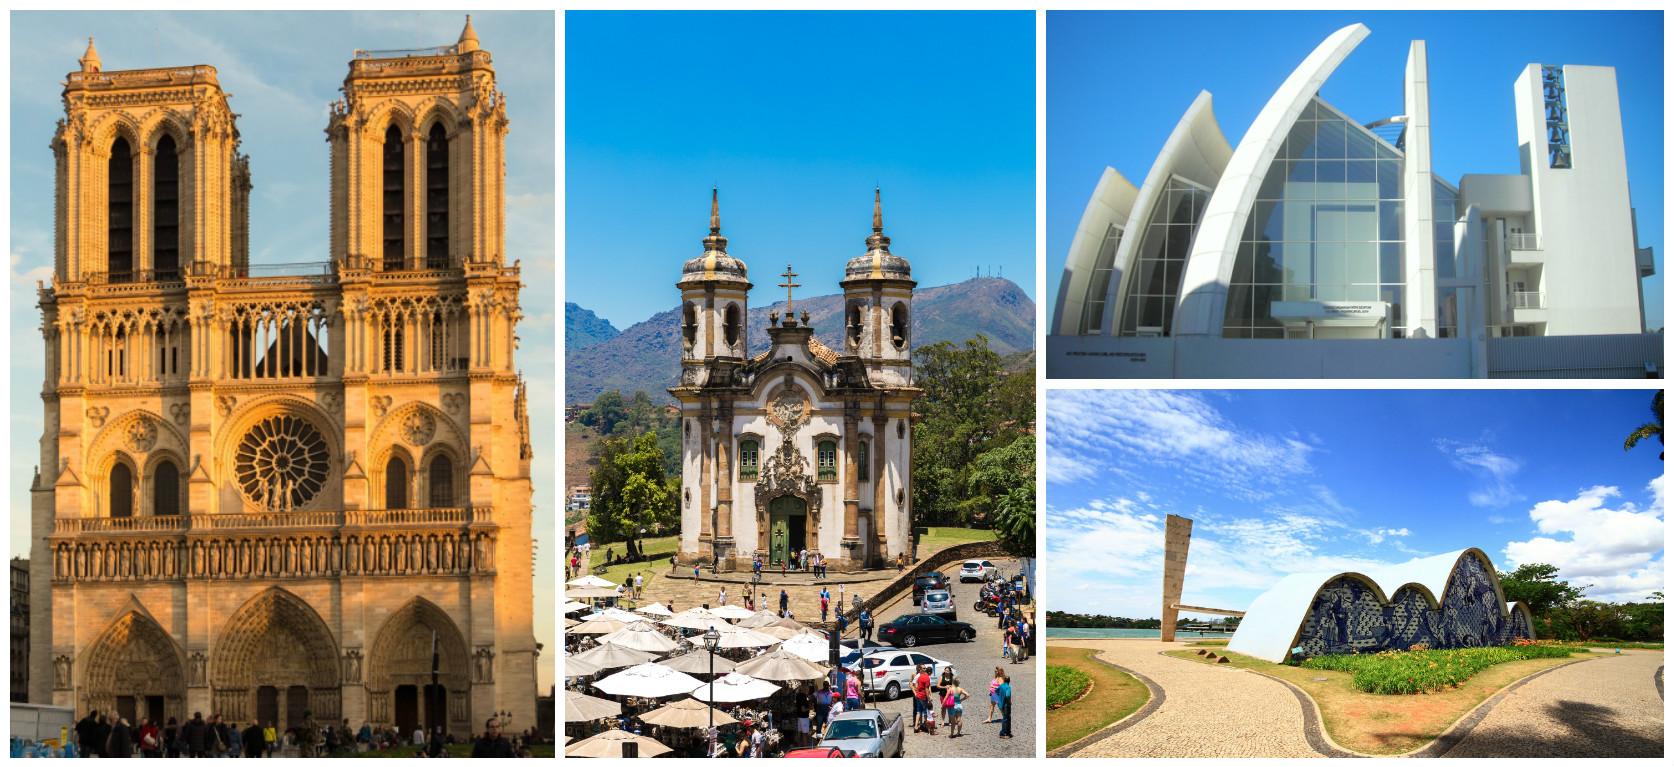 Os diversos estilos arquitetônicos impressionam e emocionam seus fiéis.